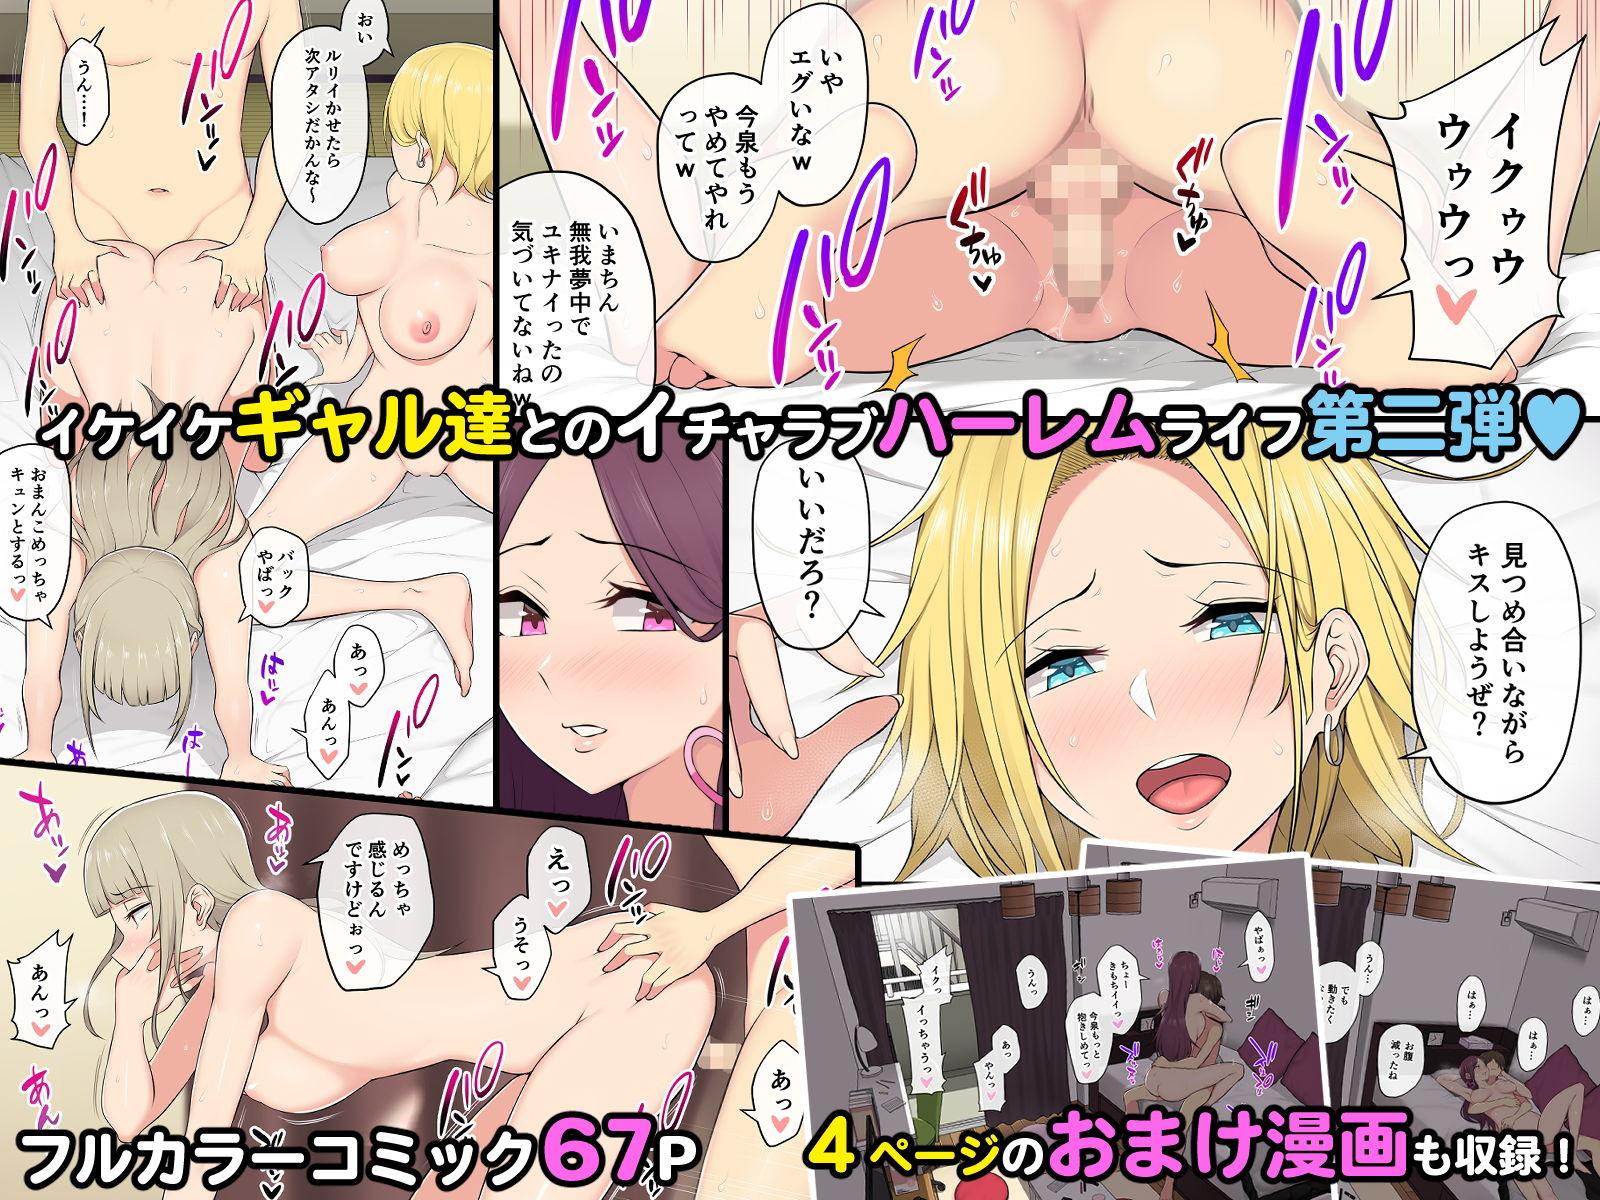 座位セックスのエロ漫画の今泉ん家はどうやらギャルの溜まり場になってるらしい2の画像3